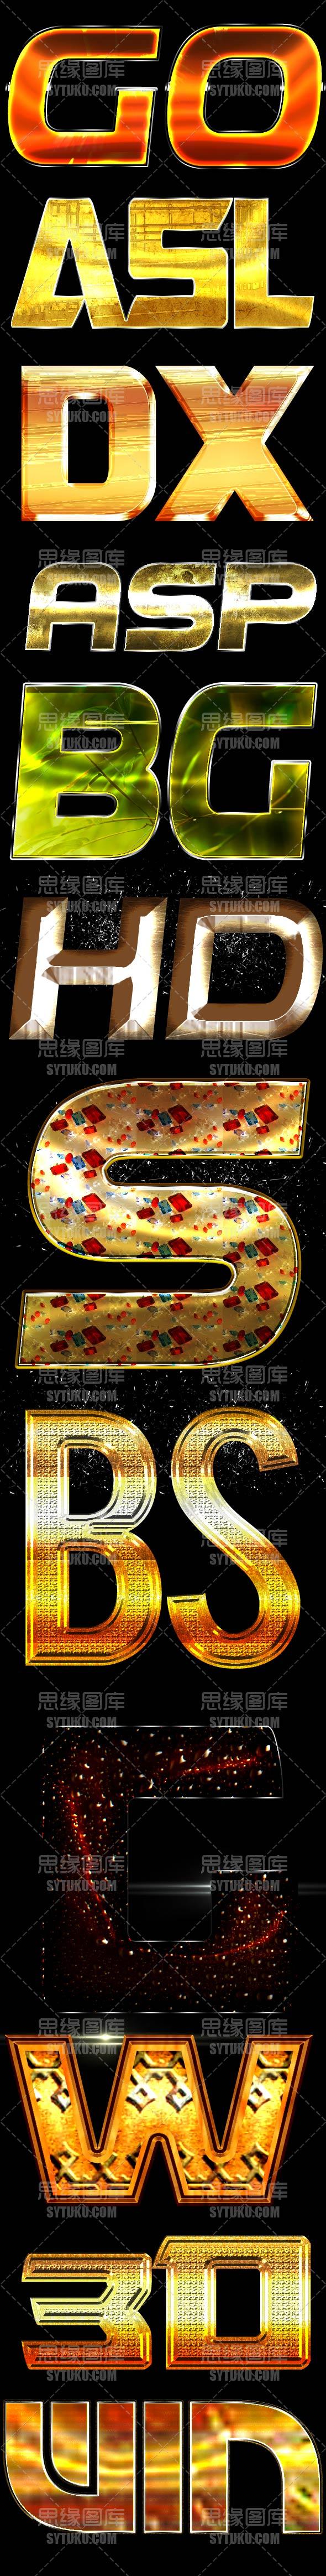 12款金色质感艺术字PS样式